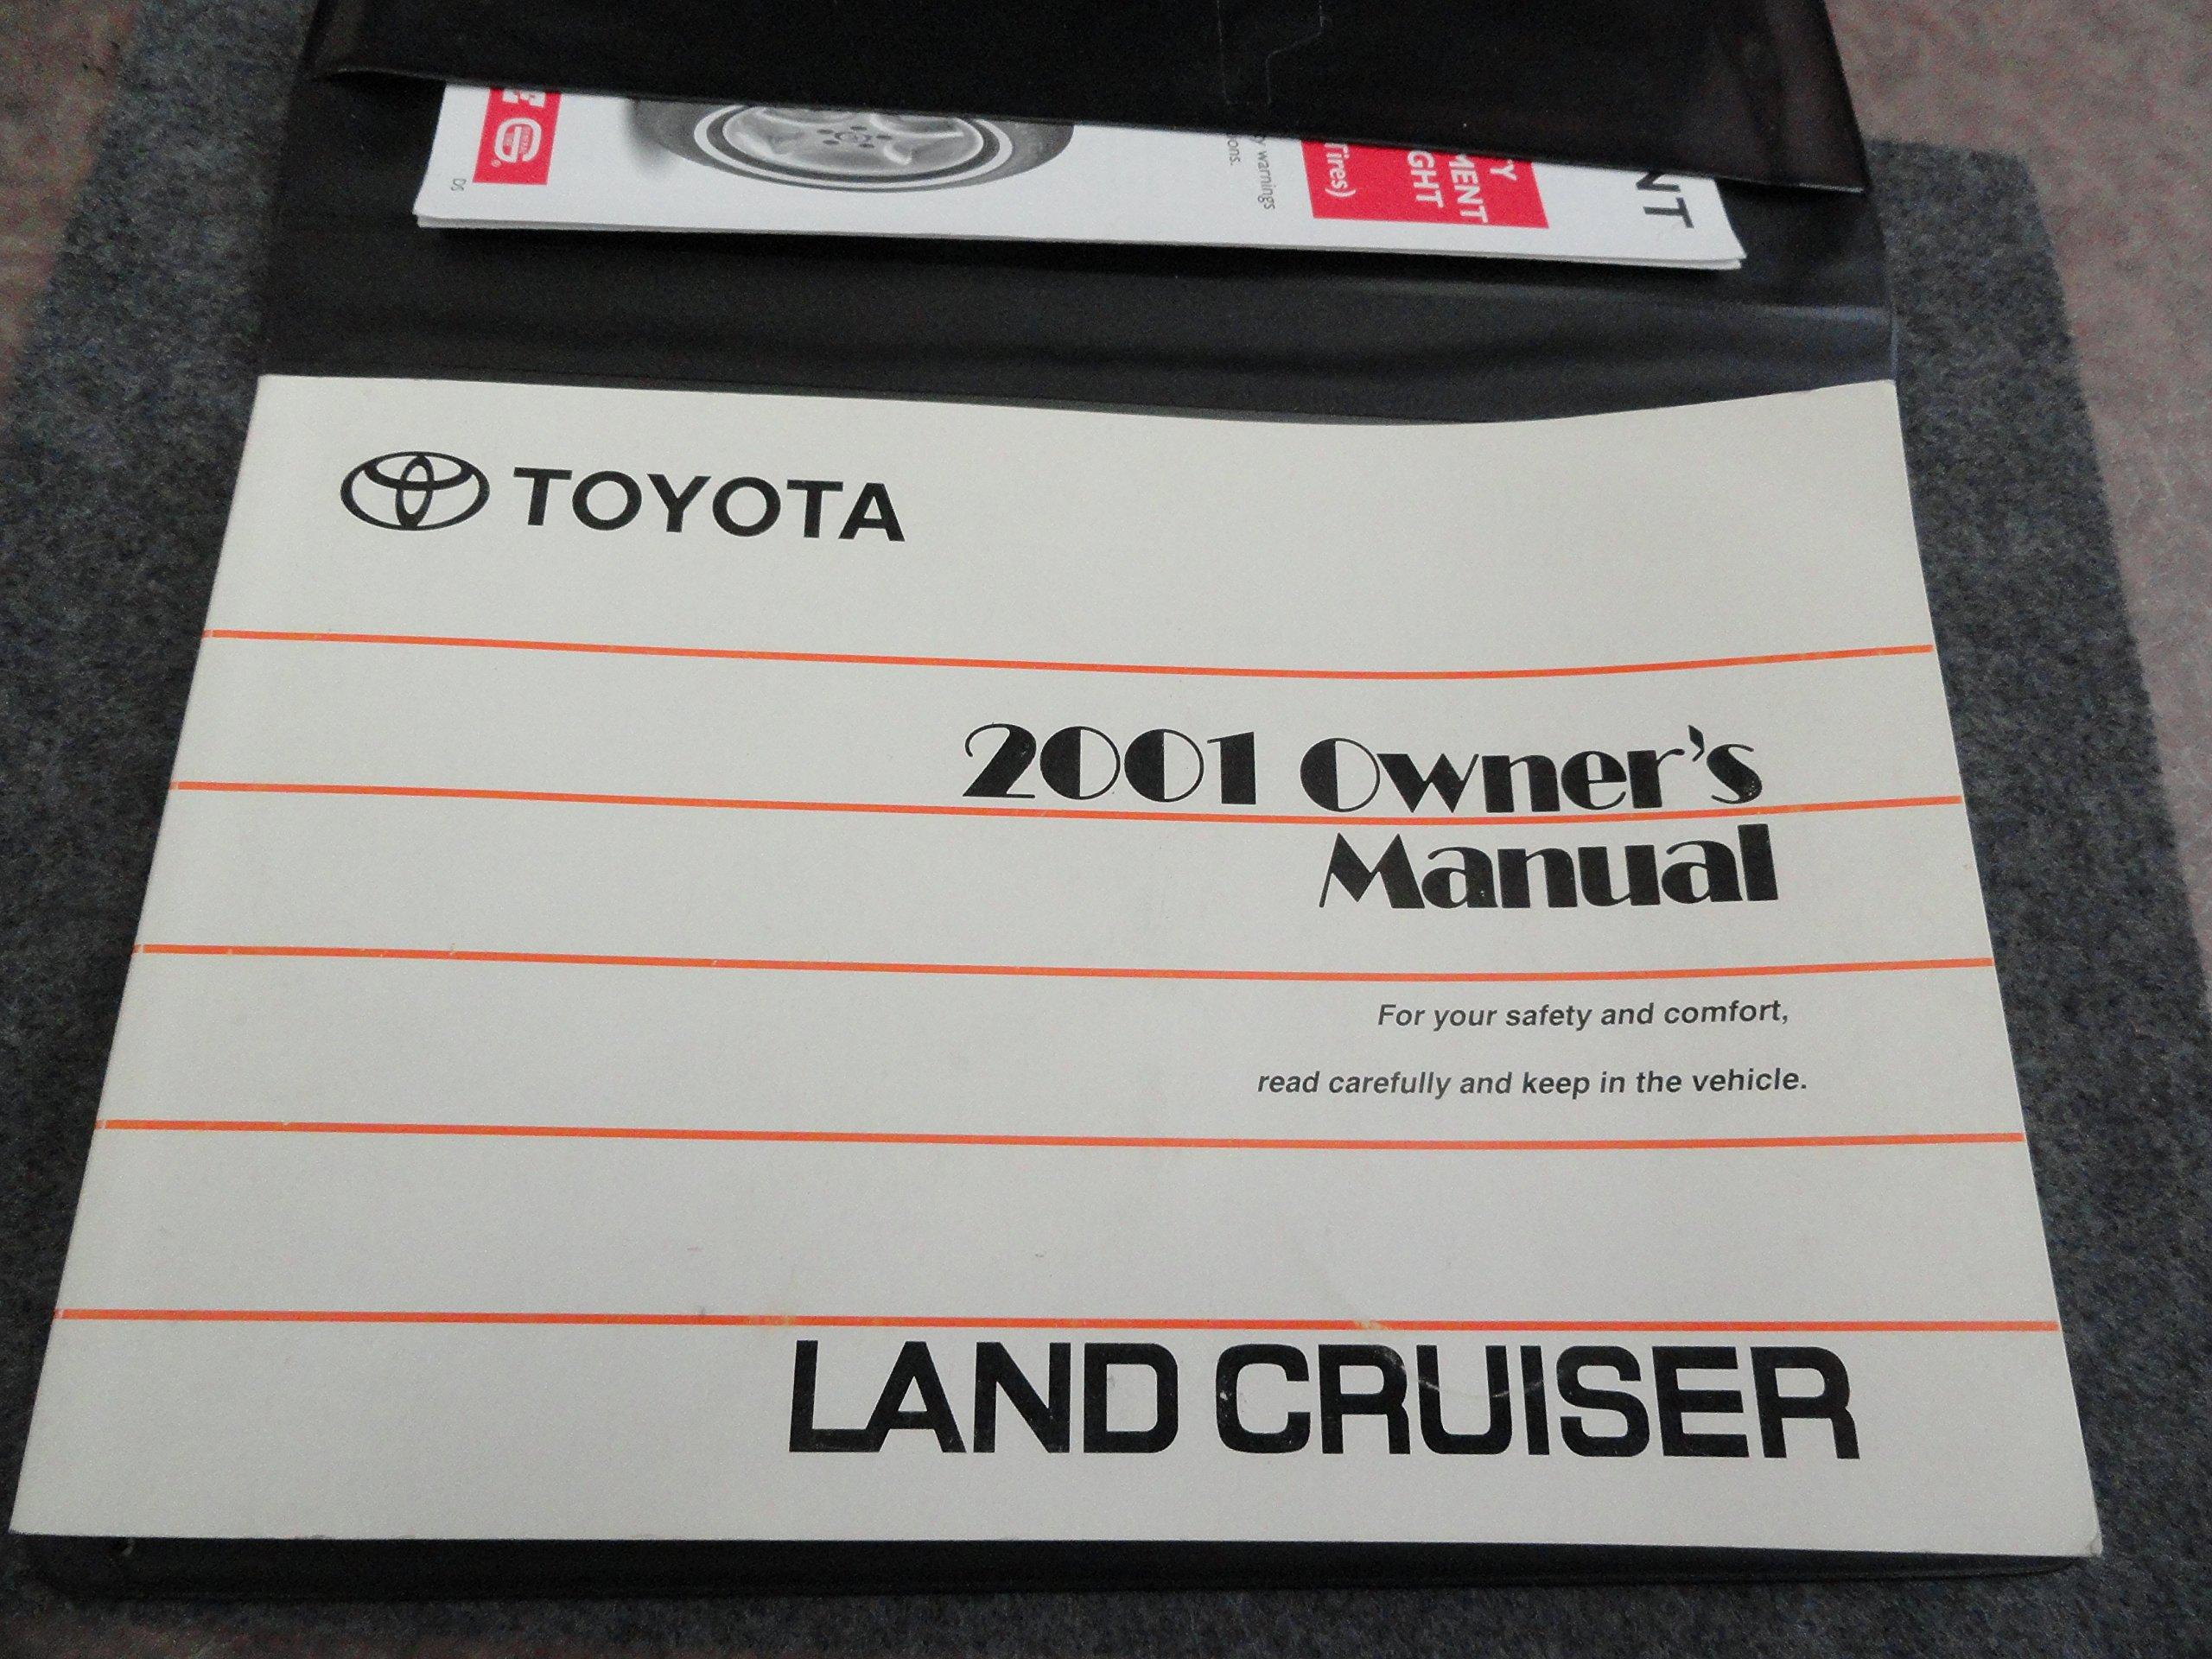 2001 toyota land cruiser owners manual toyota amazon com books rh amazon com 1998 Toyota Land Cruiser 2000 Toyota Land Cruiser